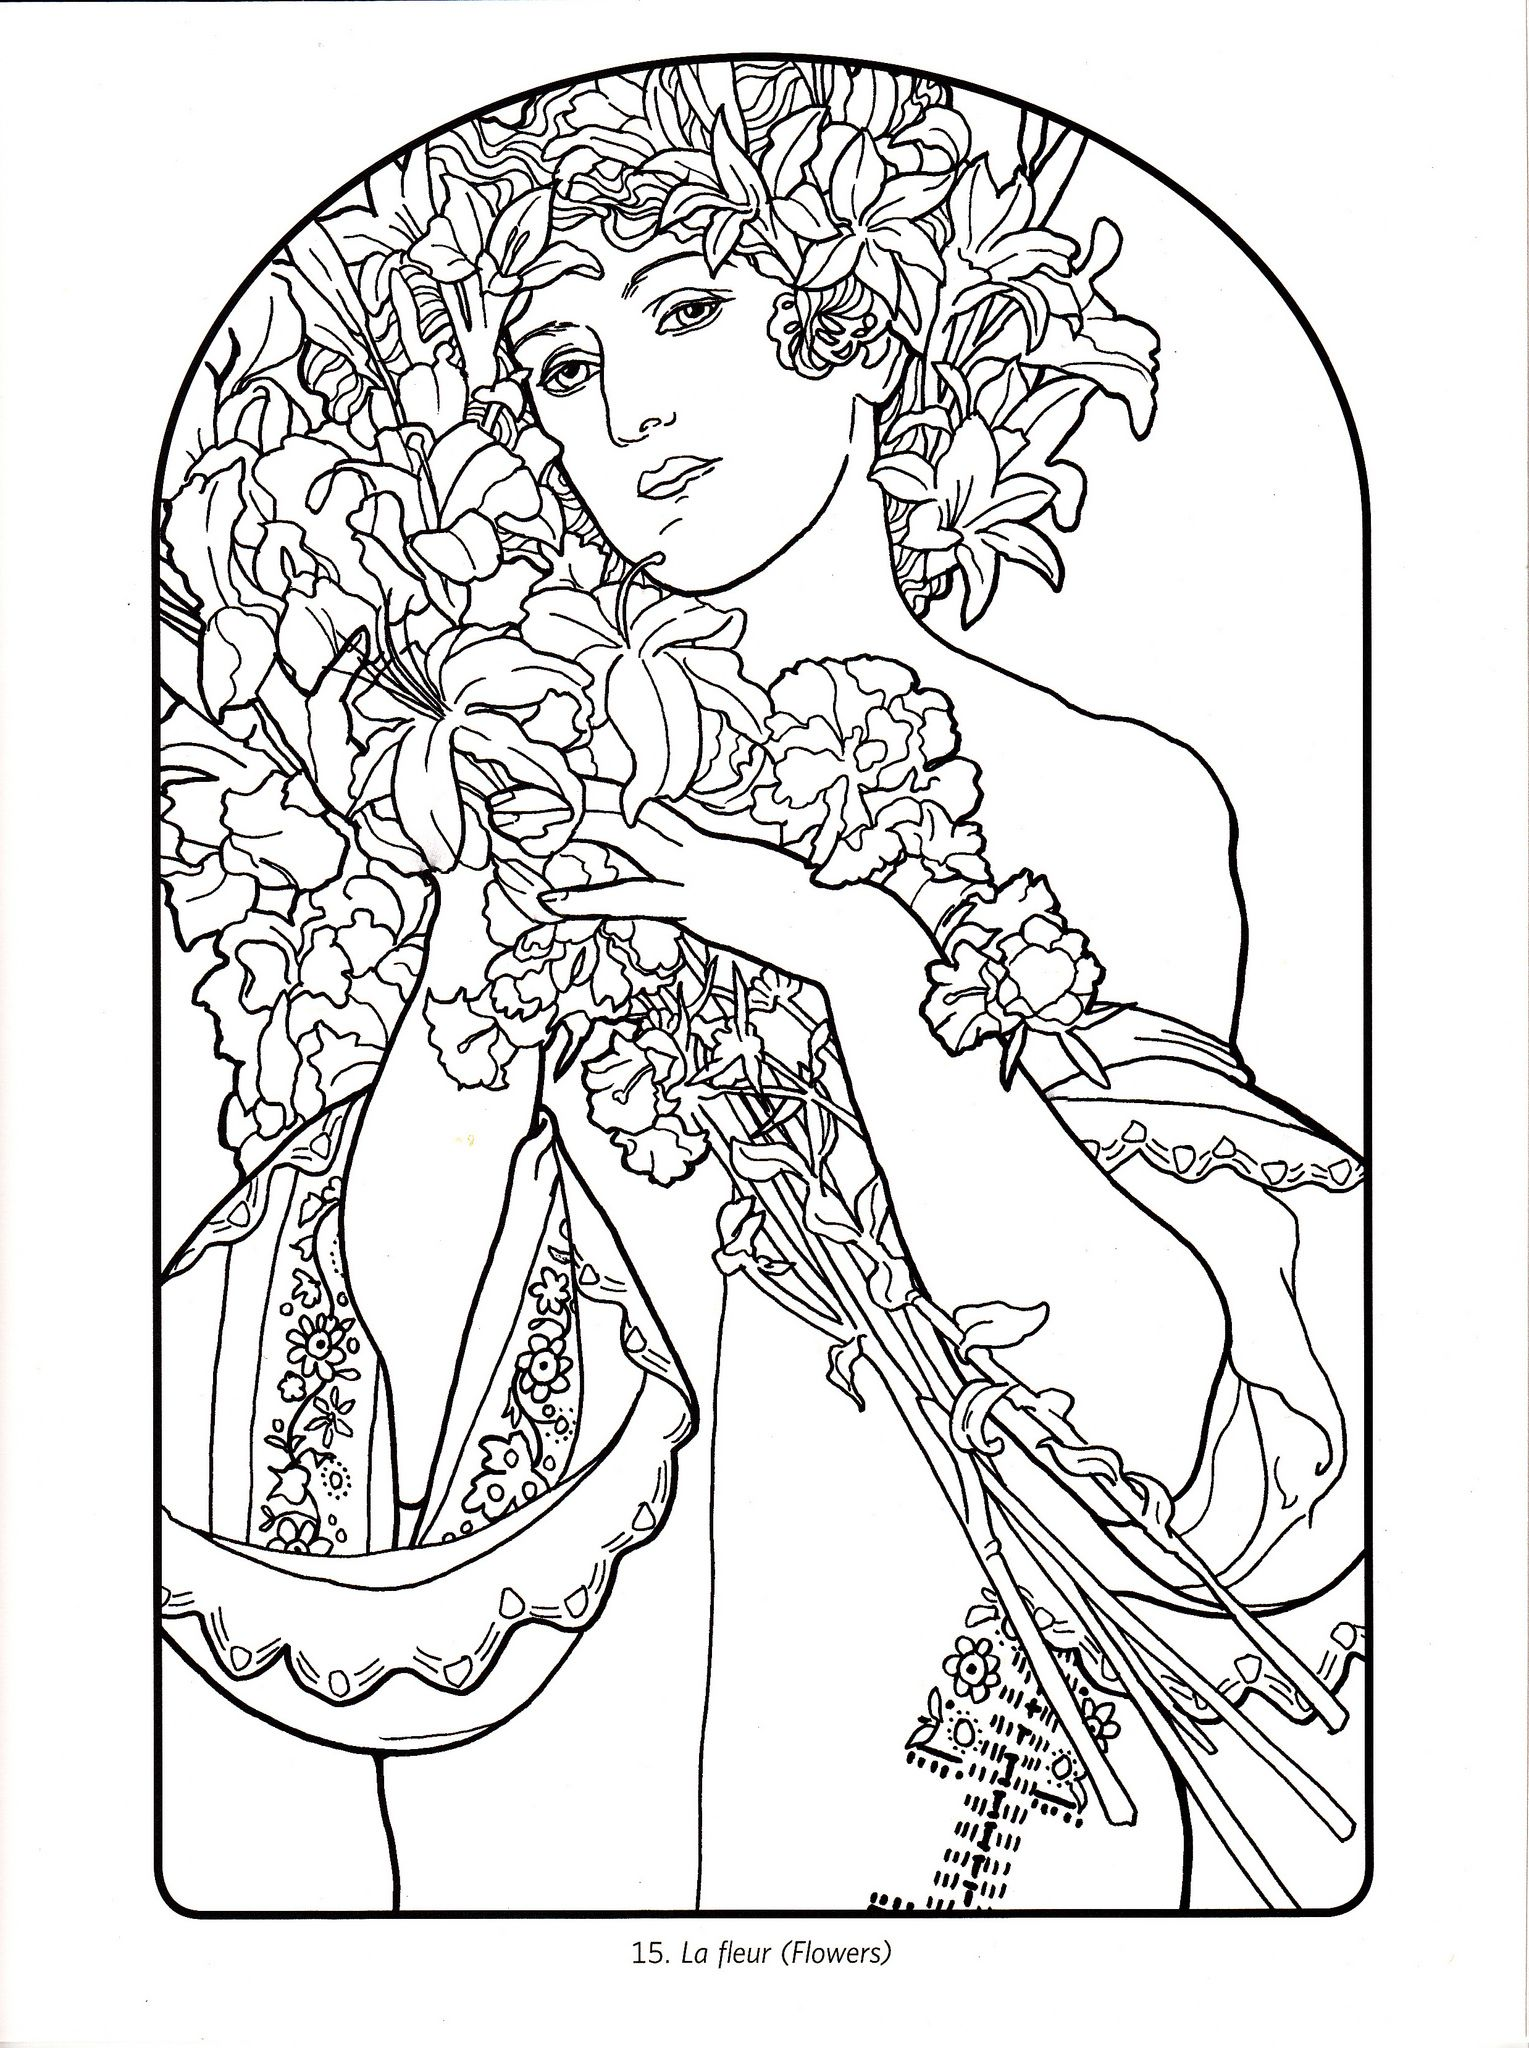 coloring pages colouring alphonse mucha art nouveau art deco